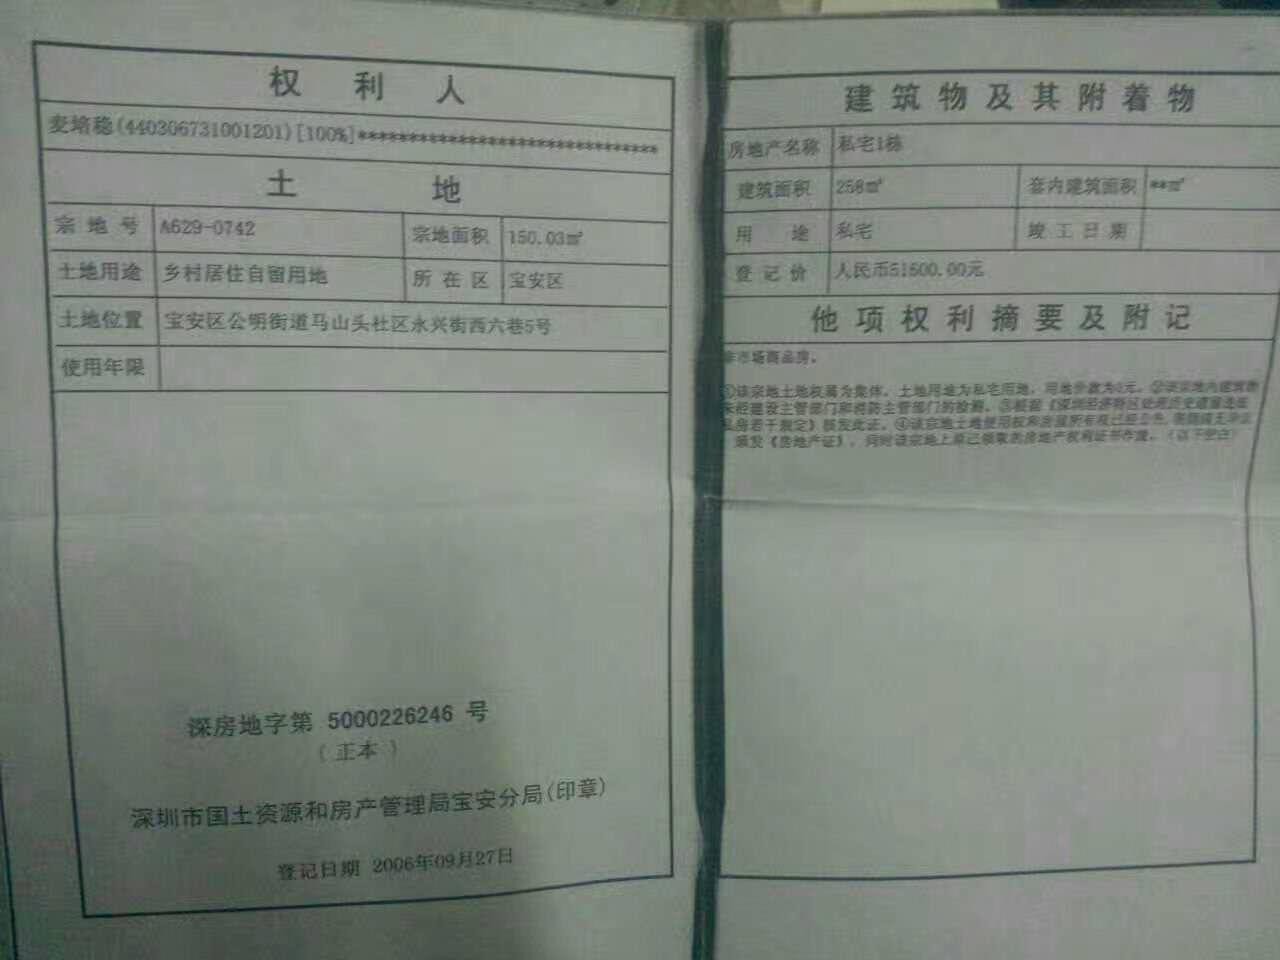 深圳马山头整栋农民房180万实收,地铁口附近 不动产 自建房 房价 销售 第4张